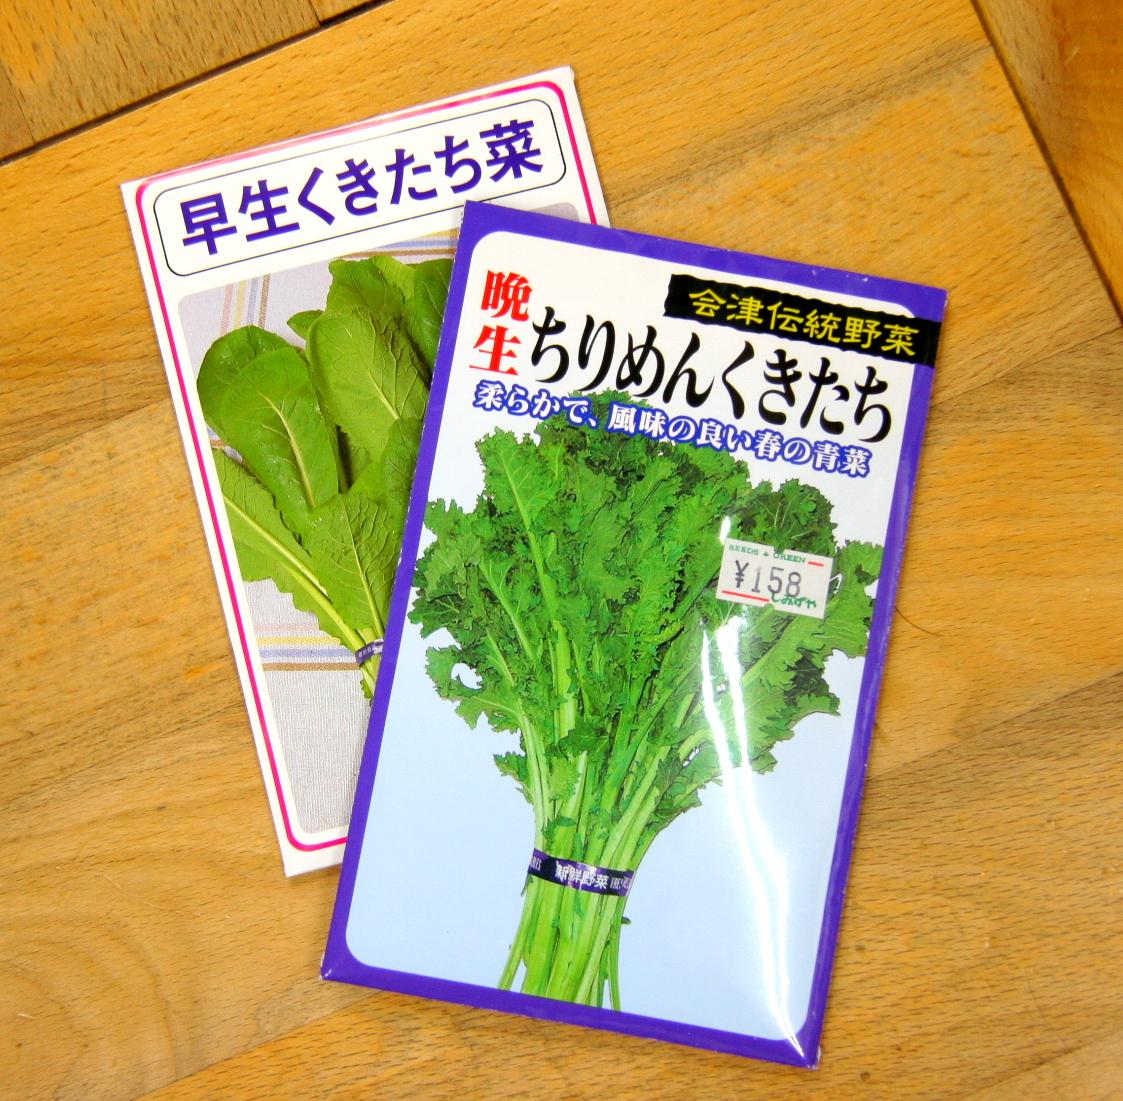 kukitachi.jpg